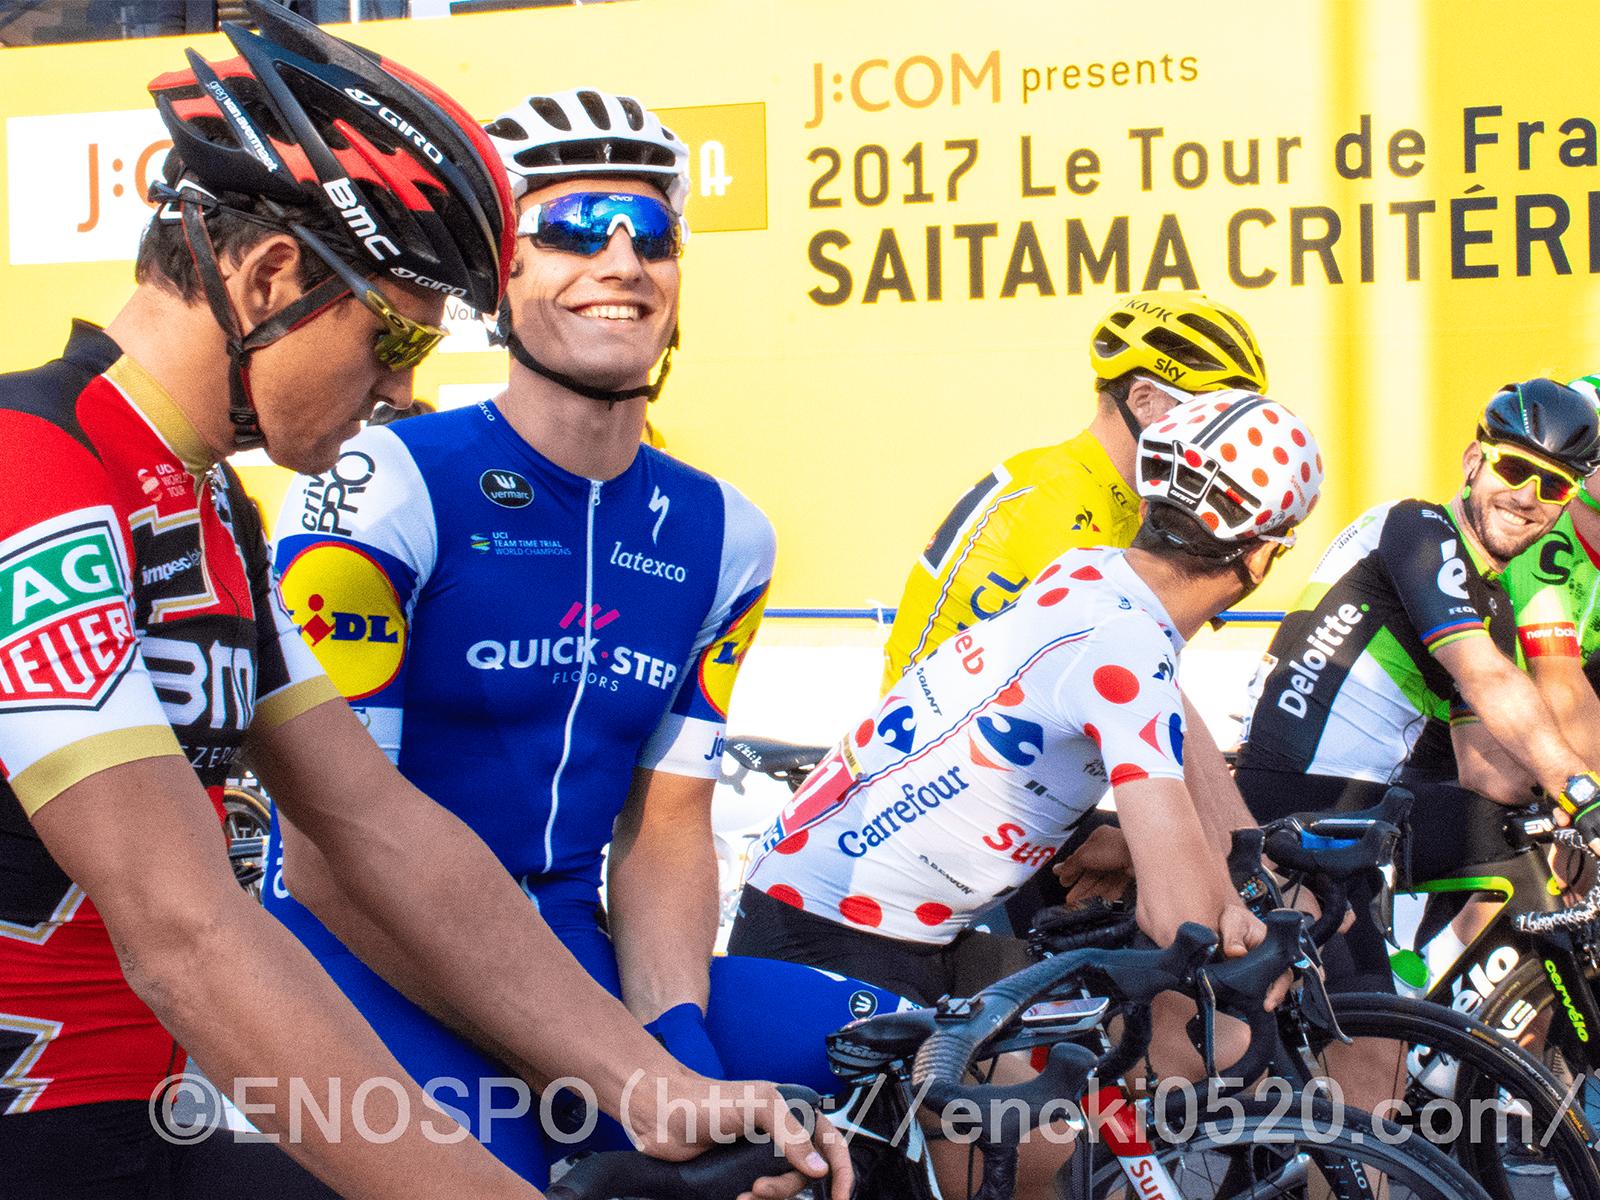 ツール・ド・フランスの取材でロードレース界を盛り上げたい!